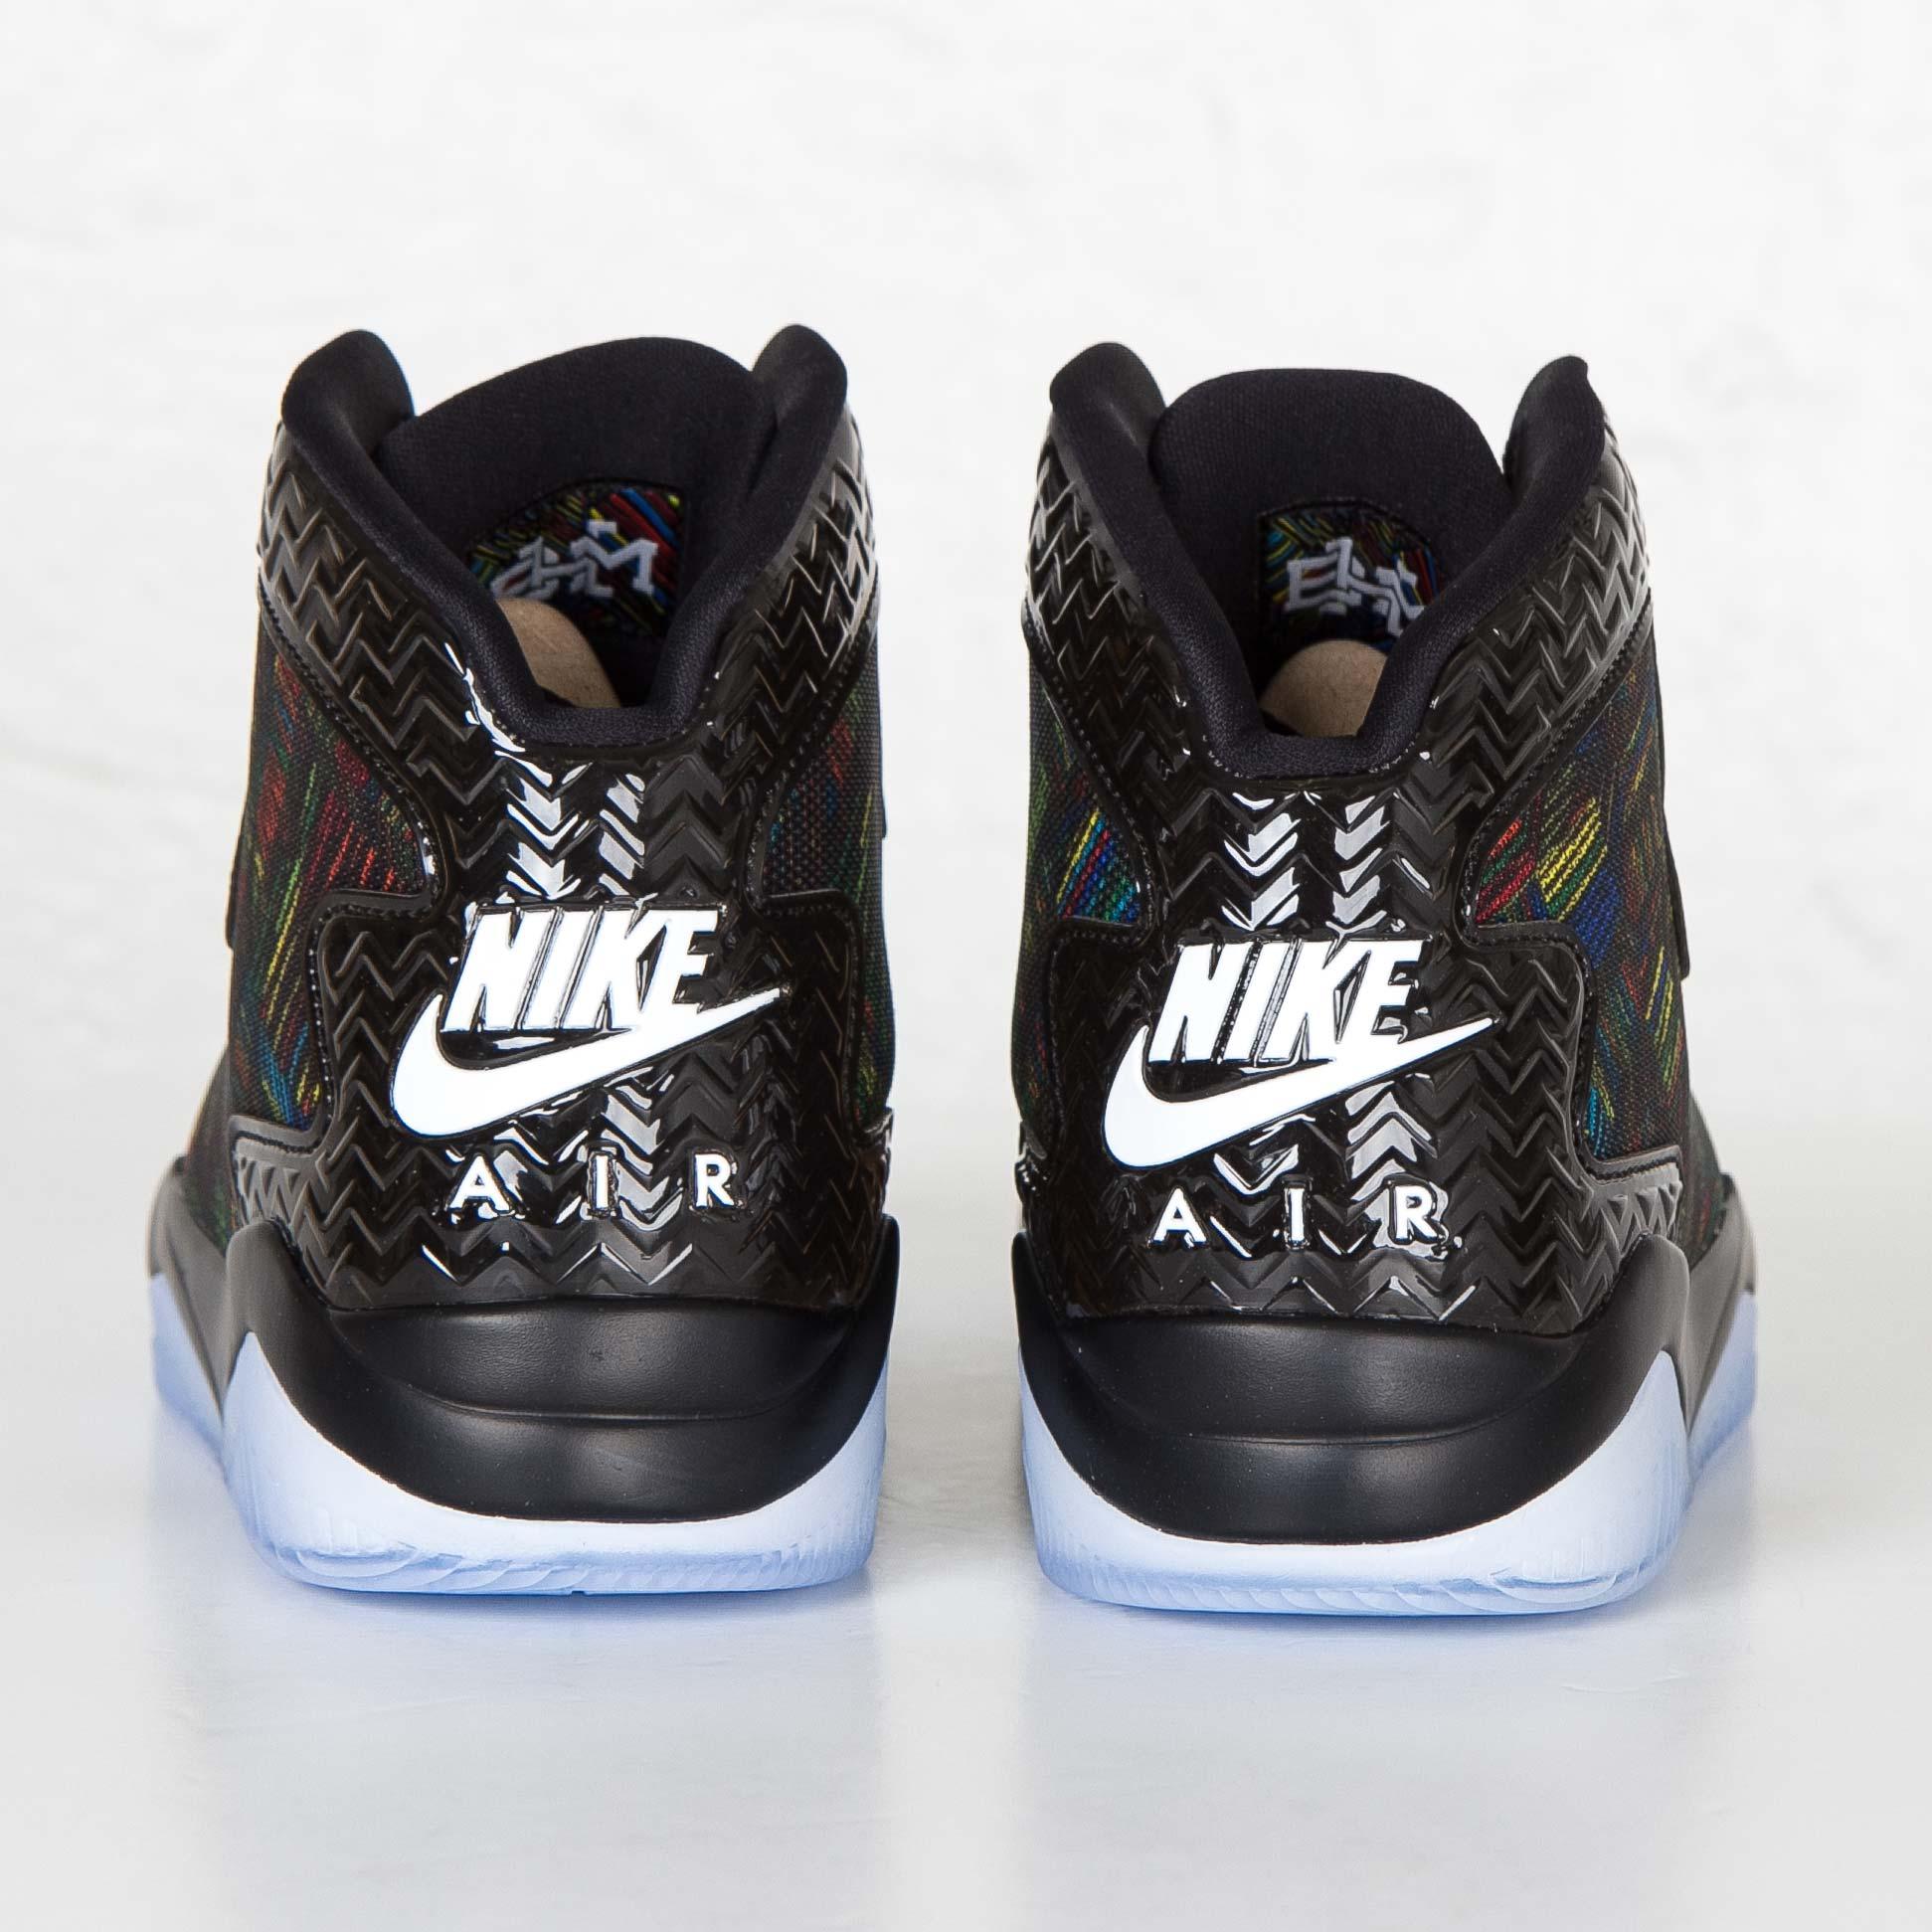 hot sale online 9d8a6 24e1e Jordan Brand Air Jordan Spike Forty BHM - 836750-045 - Sneakersnstuff    sneakers   streetwear online since 1999